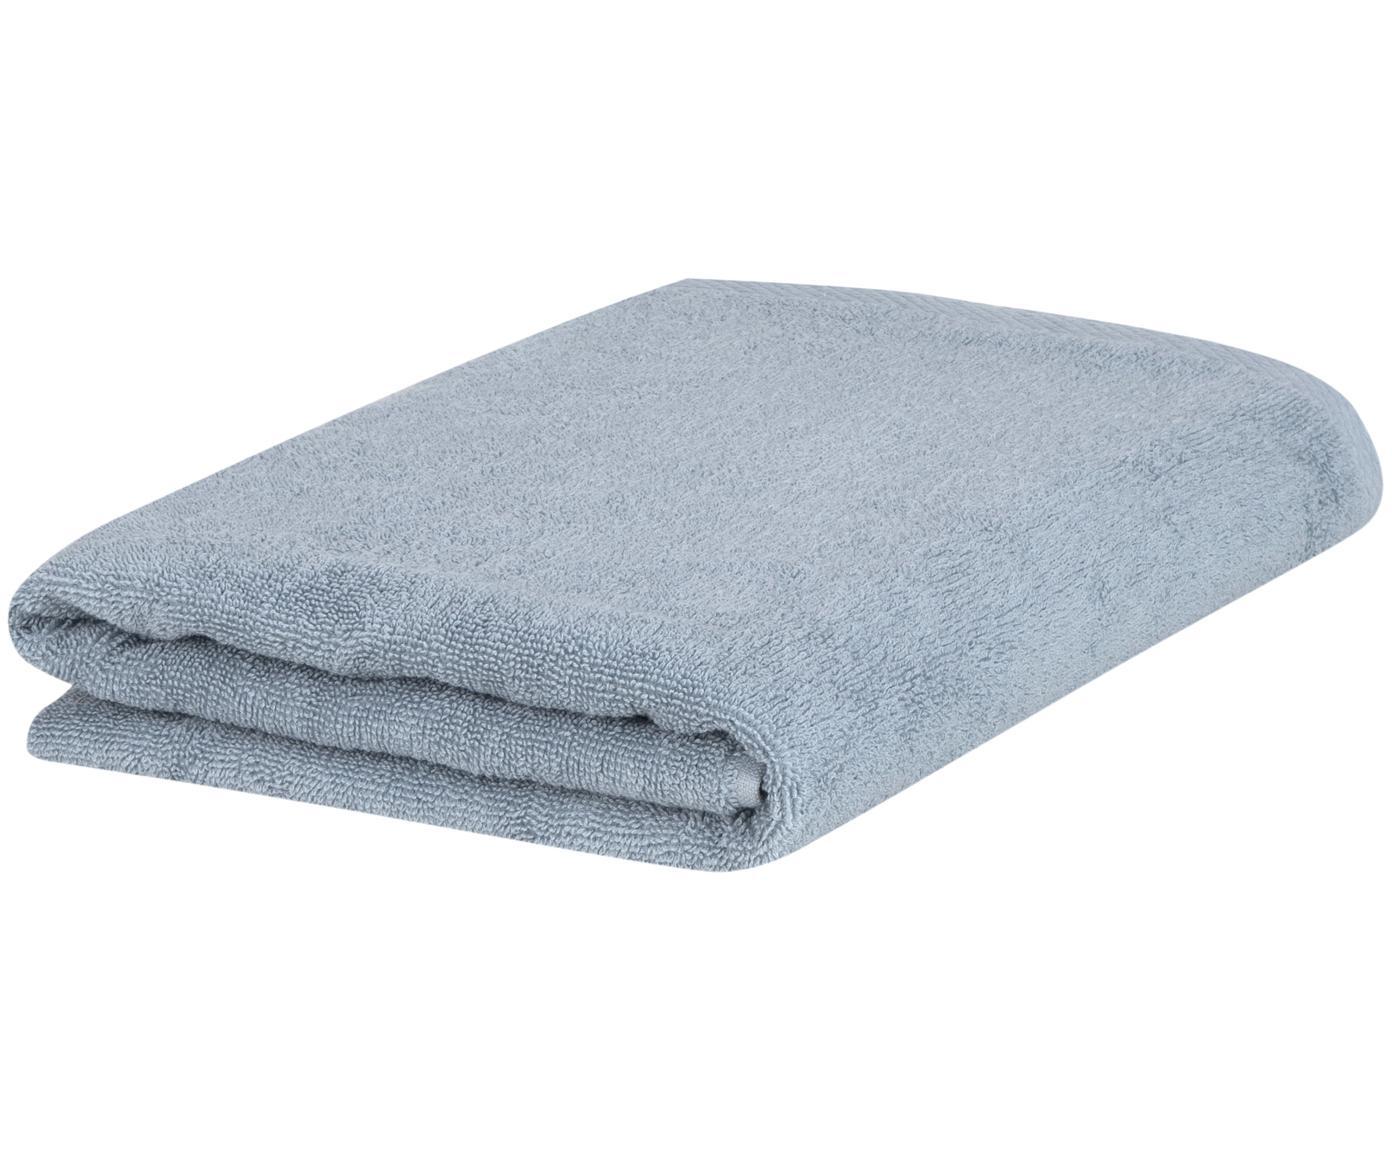 Eenkleurige handdoek Comfort, 100% katoen, middelzware kwaliteit, 450 g/m², Lichtblauw, Gastendoekje